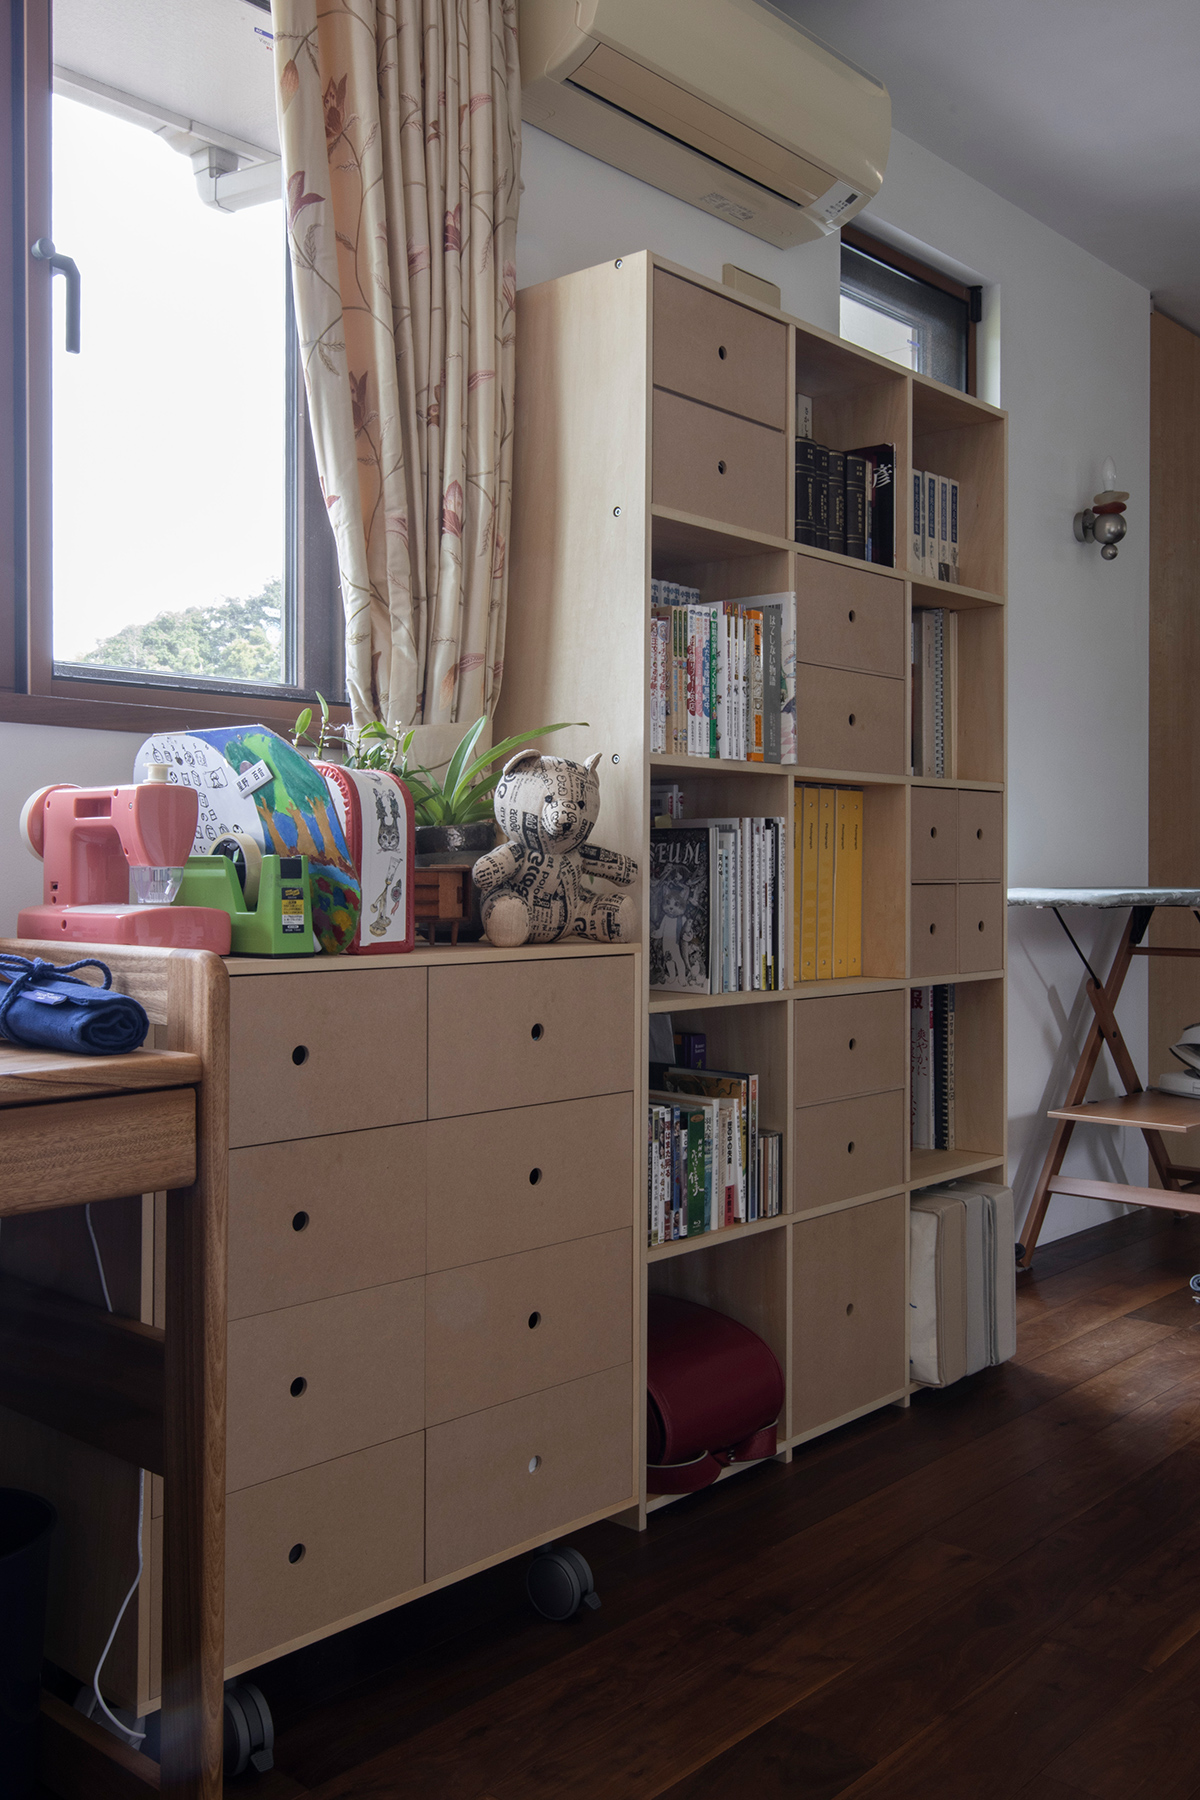 風景画の様な窓に面して | 壁一面の本棚 奥行350mm / Shelf (No.124) | マルゲリータ使用例